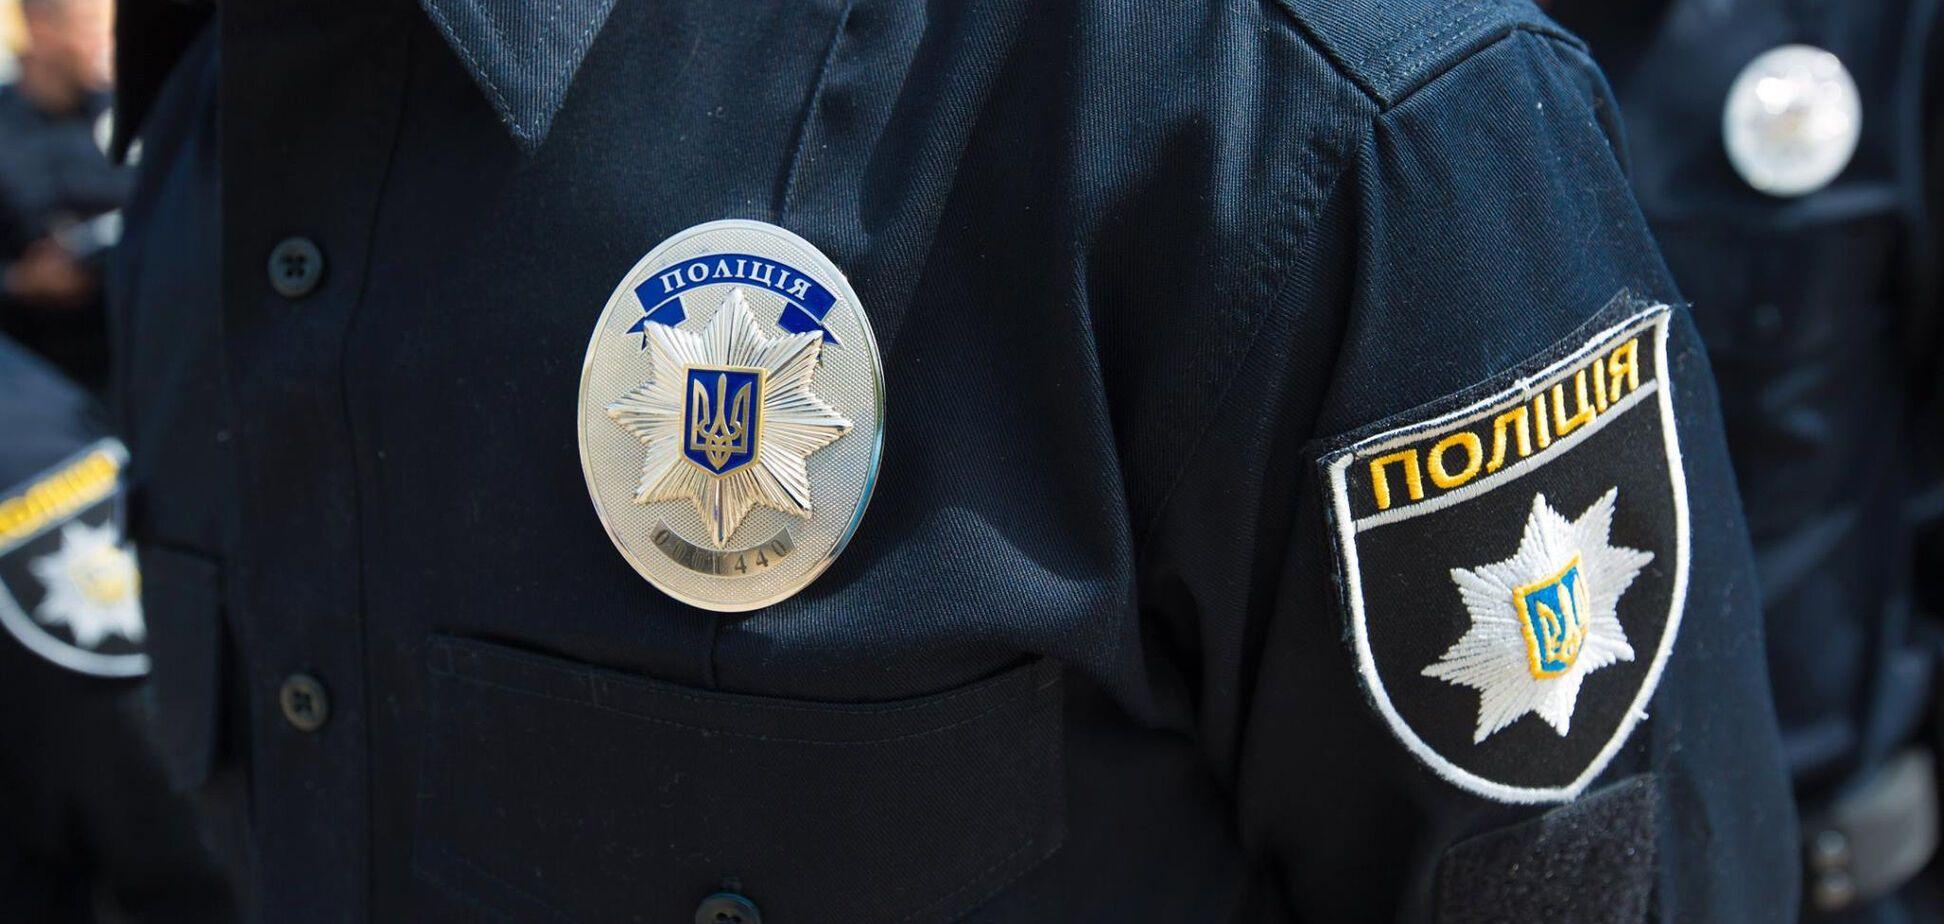 В Киеве напали на молодого парня. Полиция